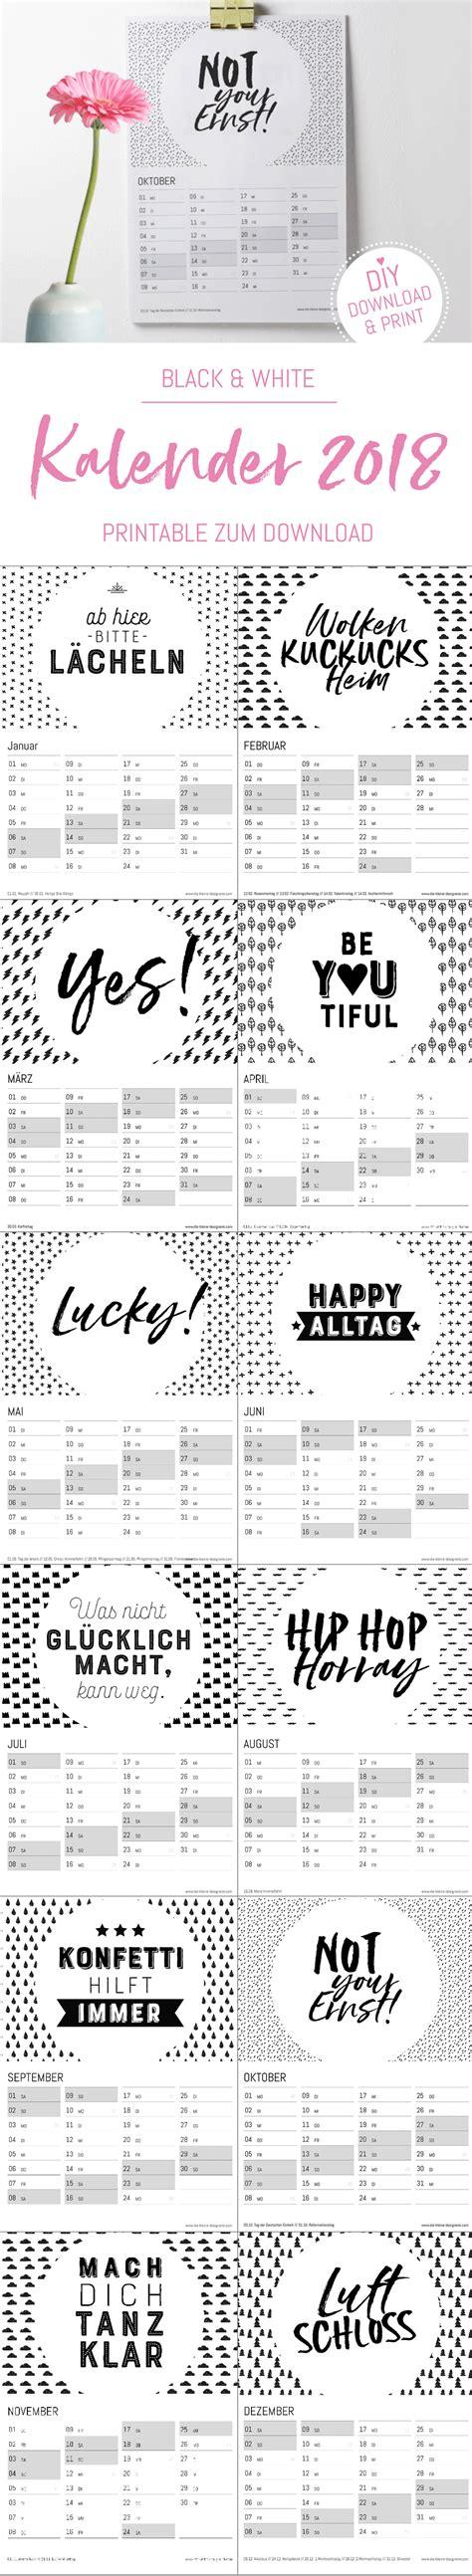 Kalender 2018 Kalenderwochen Kalender 2018 Kalenderwoche Kalender 2018 Und Wandkalender